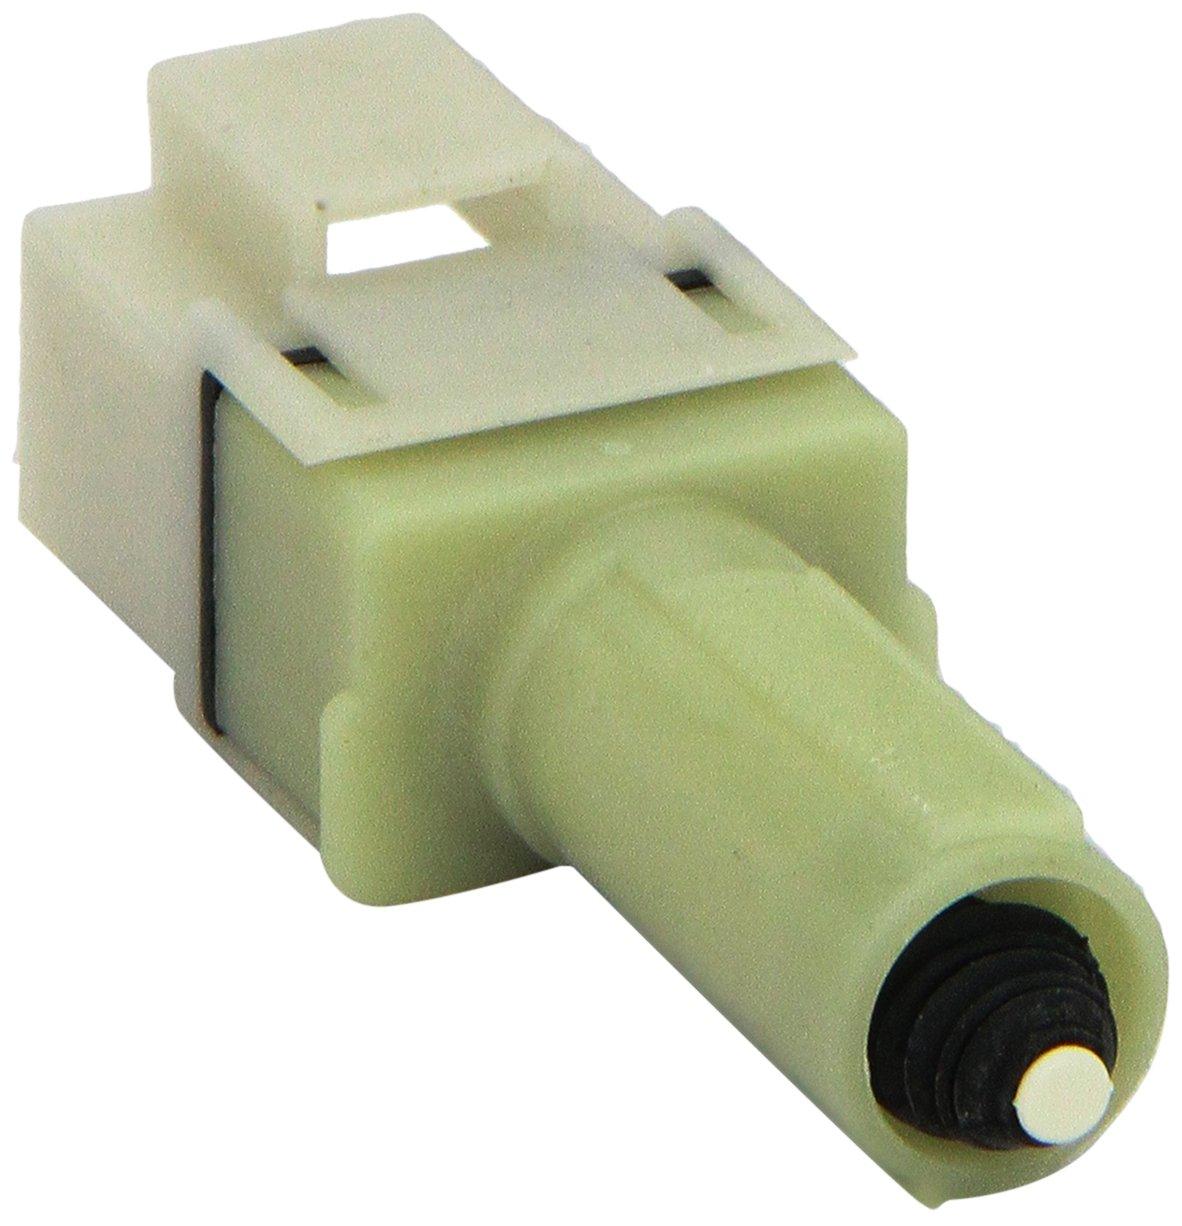 Acdelco D1556j Gm Original Equipment Brake Light Switch 2007 Chevy Colorado Wiring Diagram Hvac Automotive